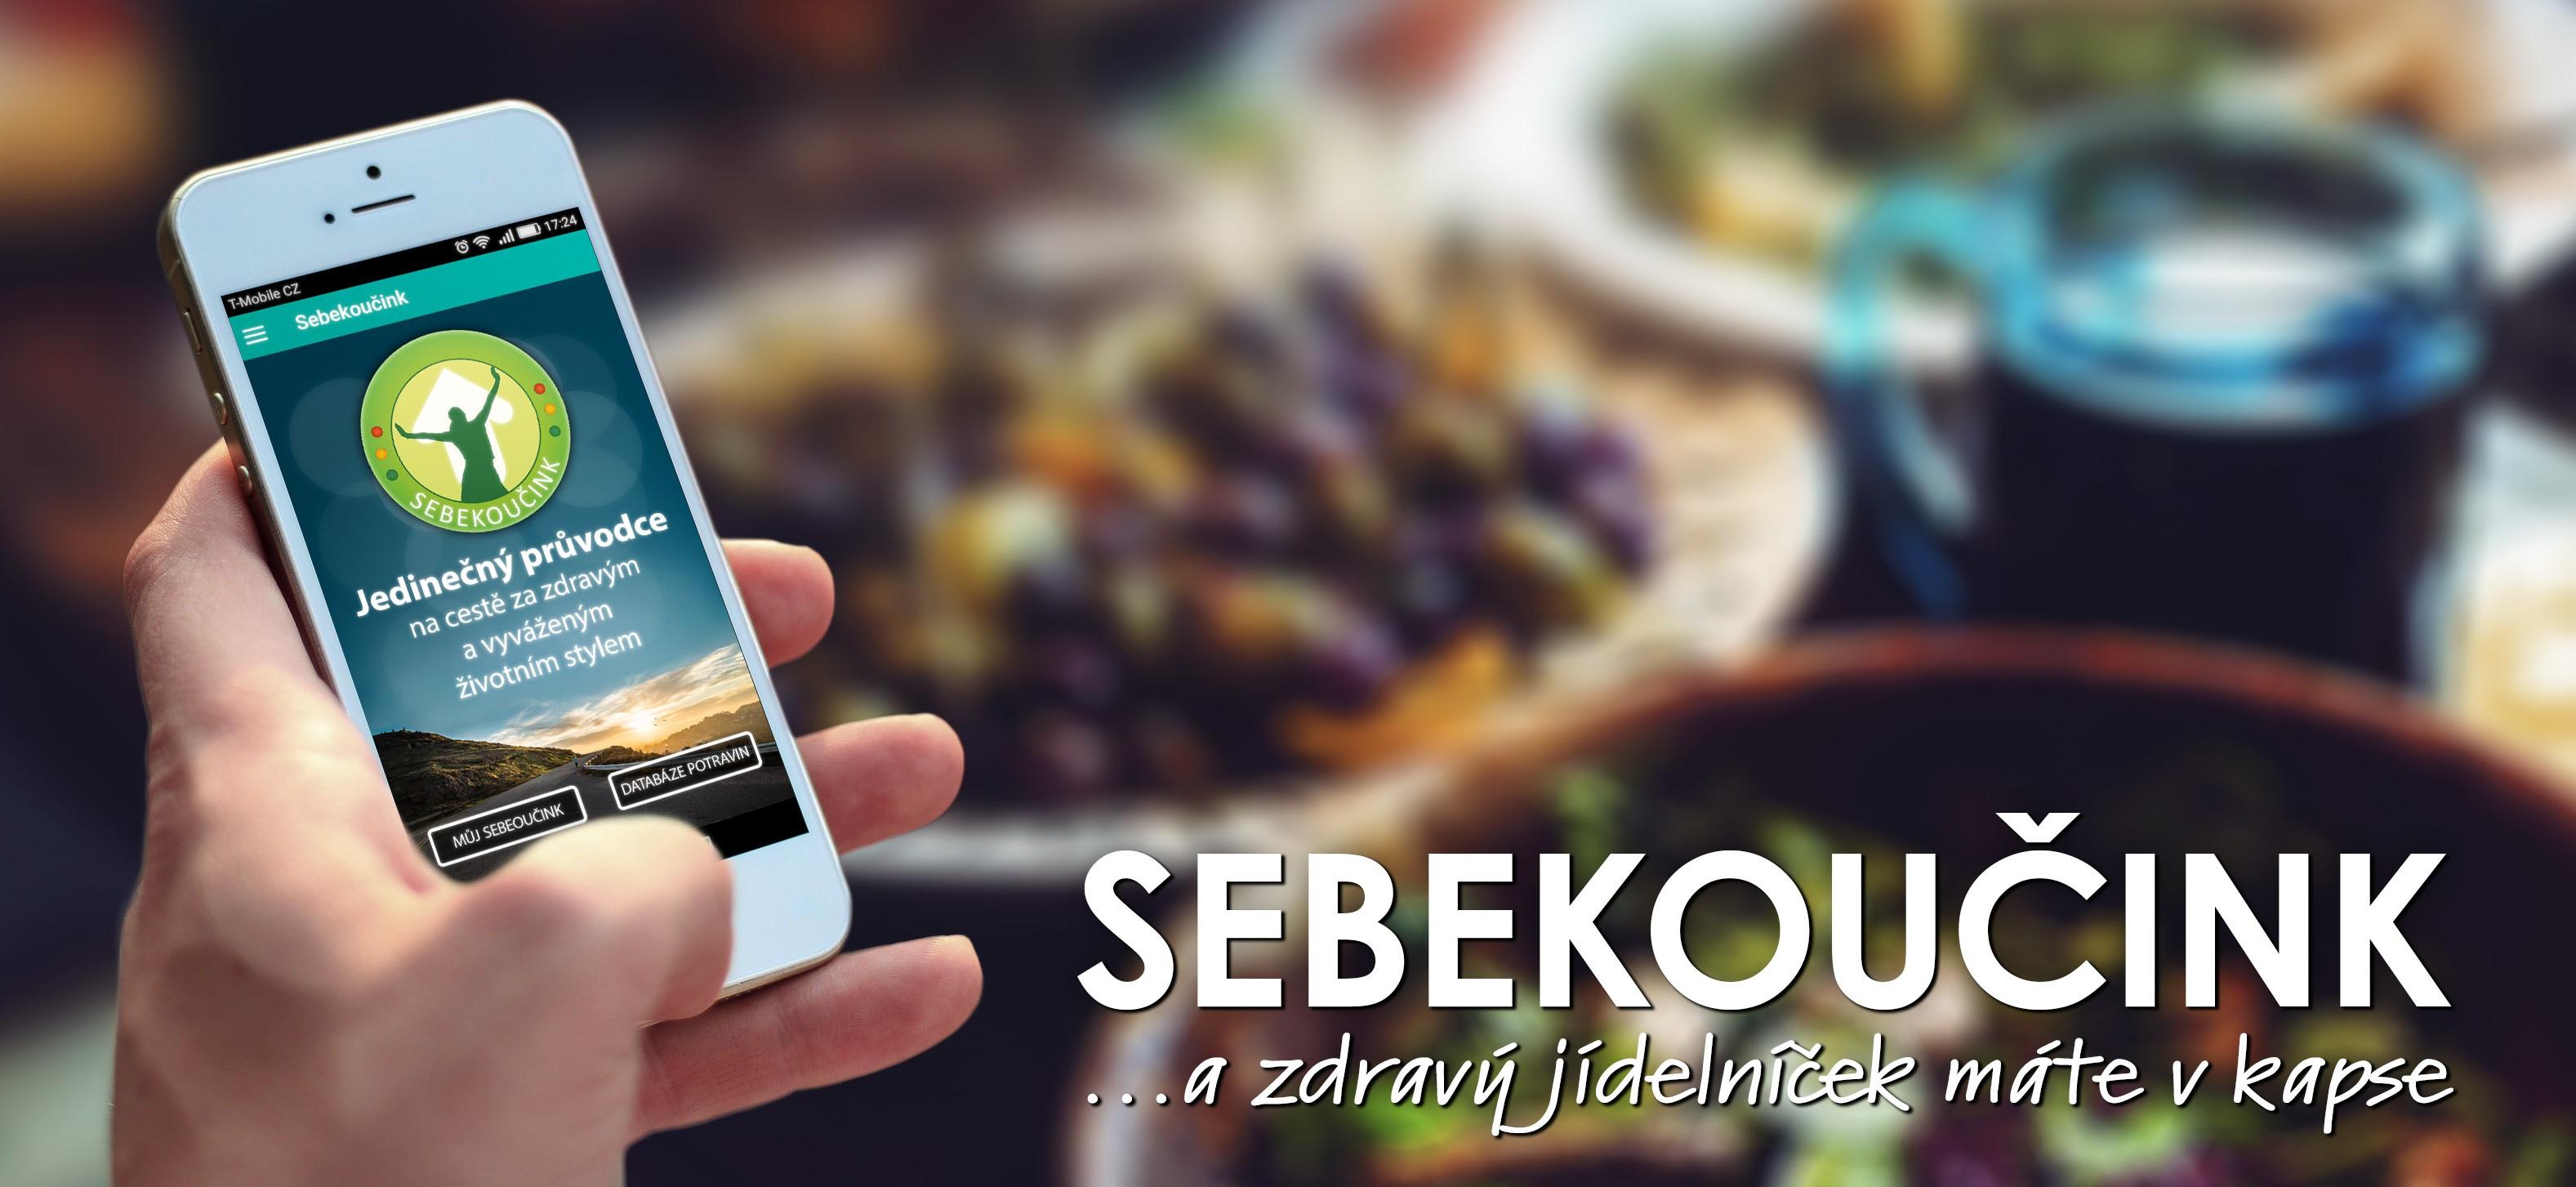 Sebekoucink_MA_01